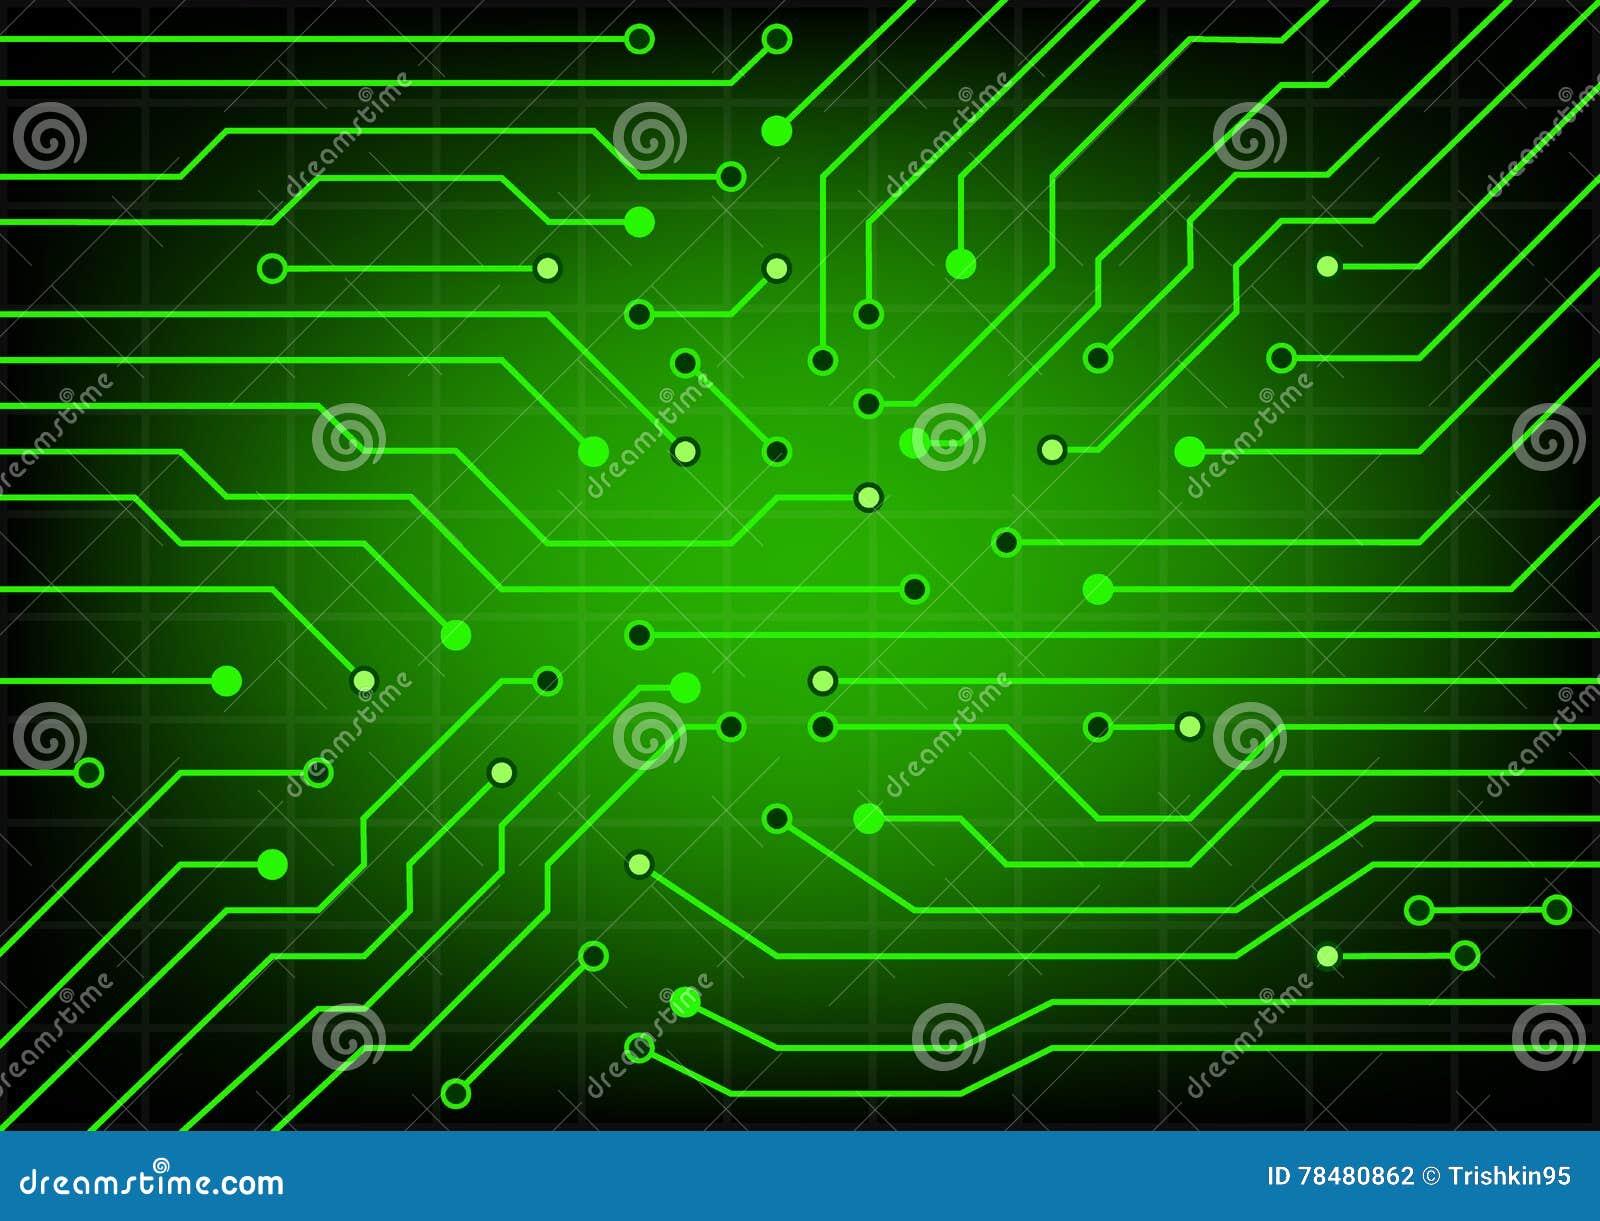 Circuito Eletricos : Circuito elétrico ilustração do vetor do eps ilustração do